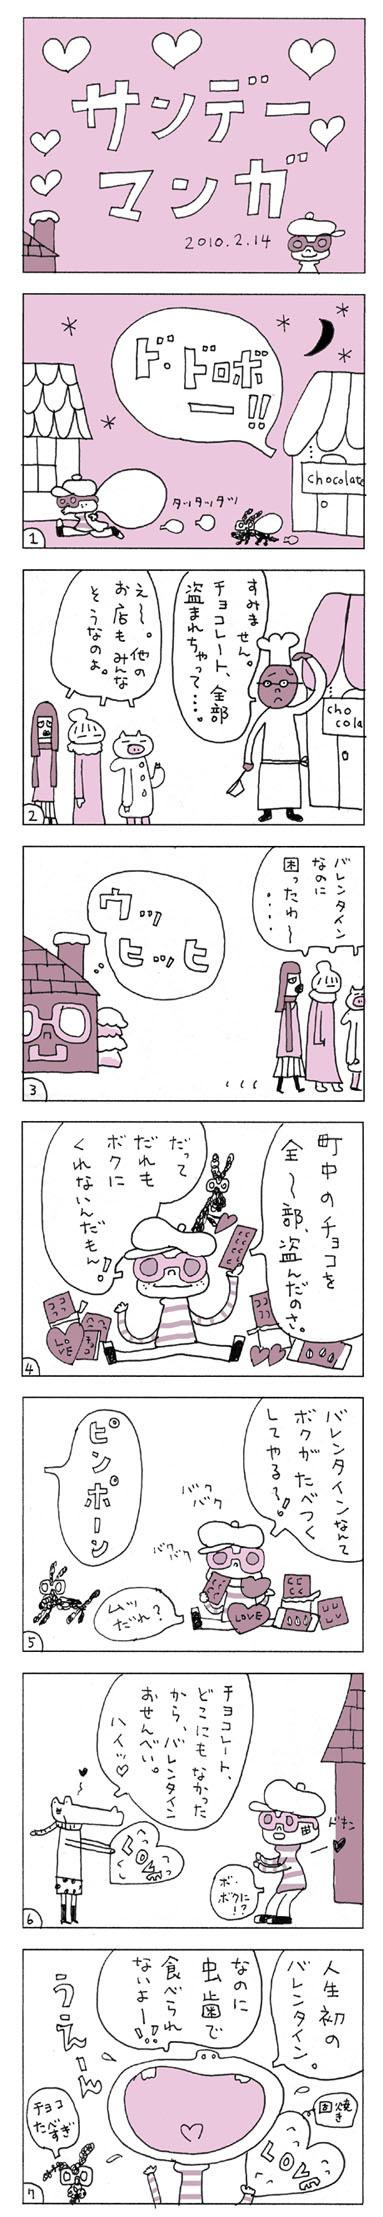 b0102193_20104447.jpg